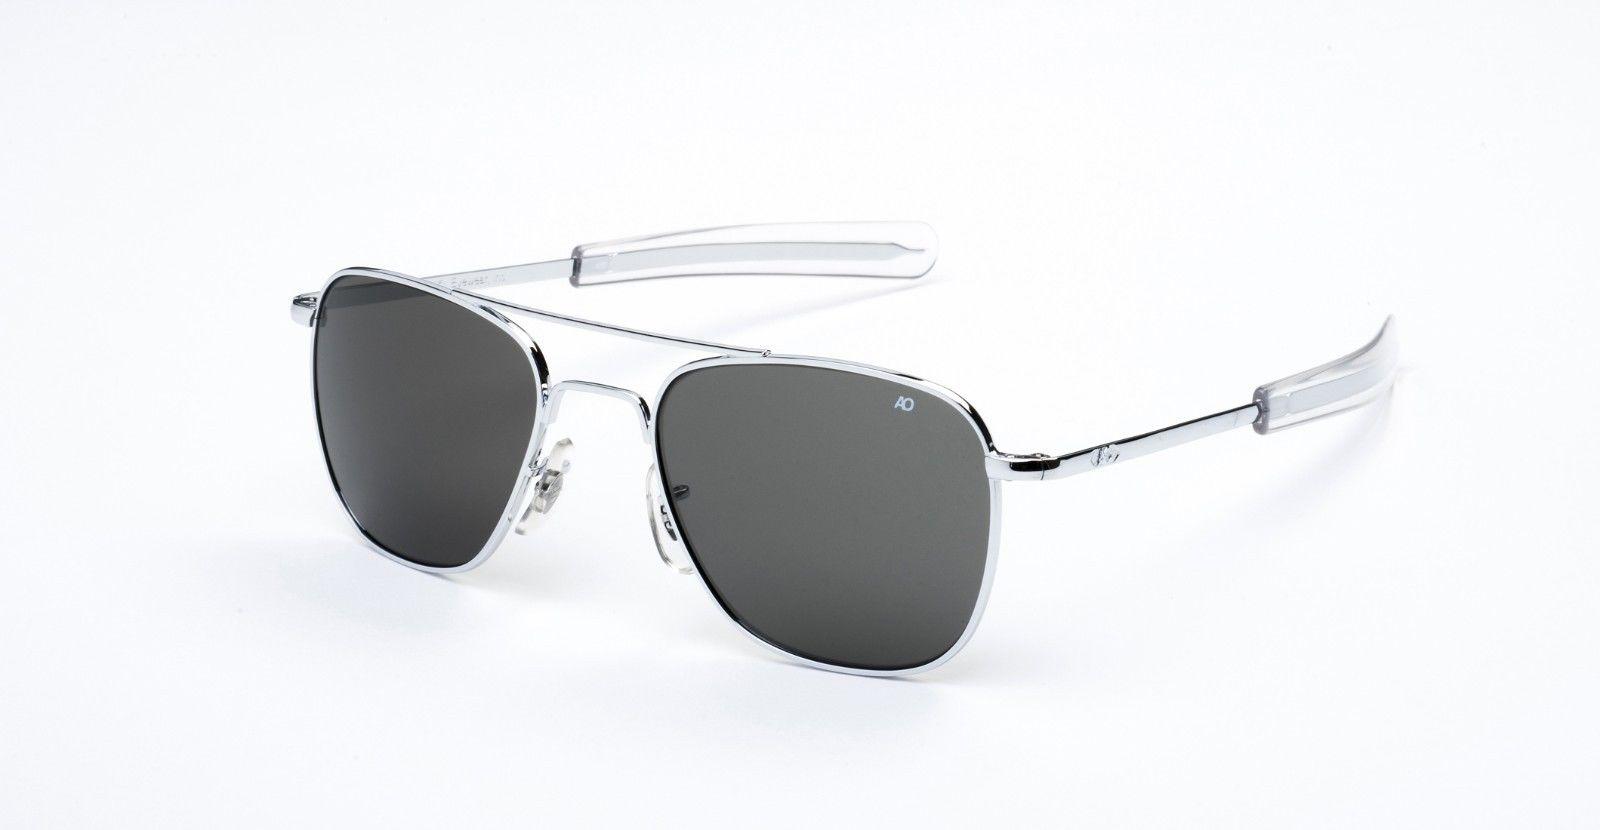 AO American Optical Original Pilot Chrome Silver - Made in USA